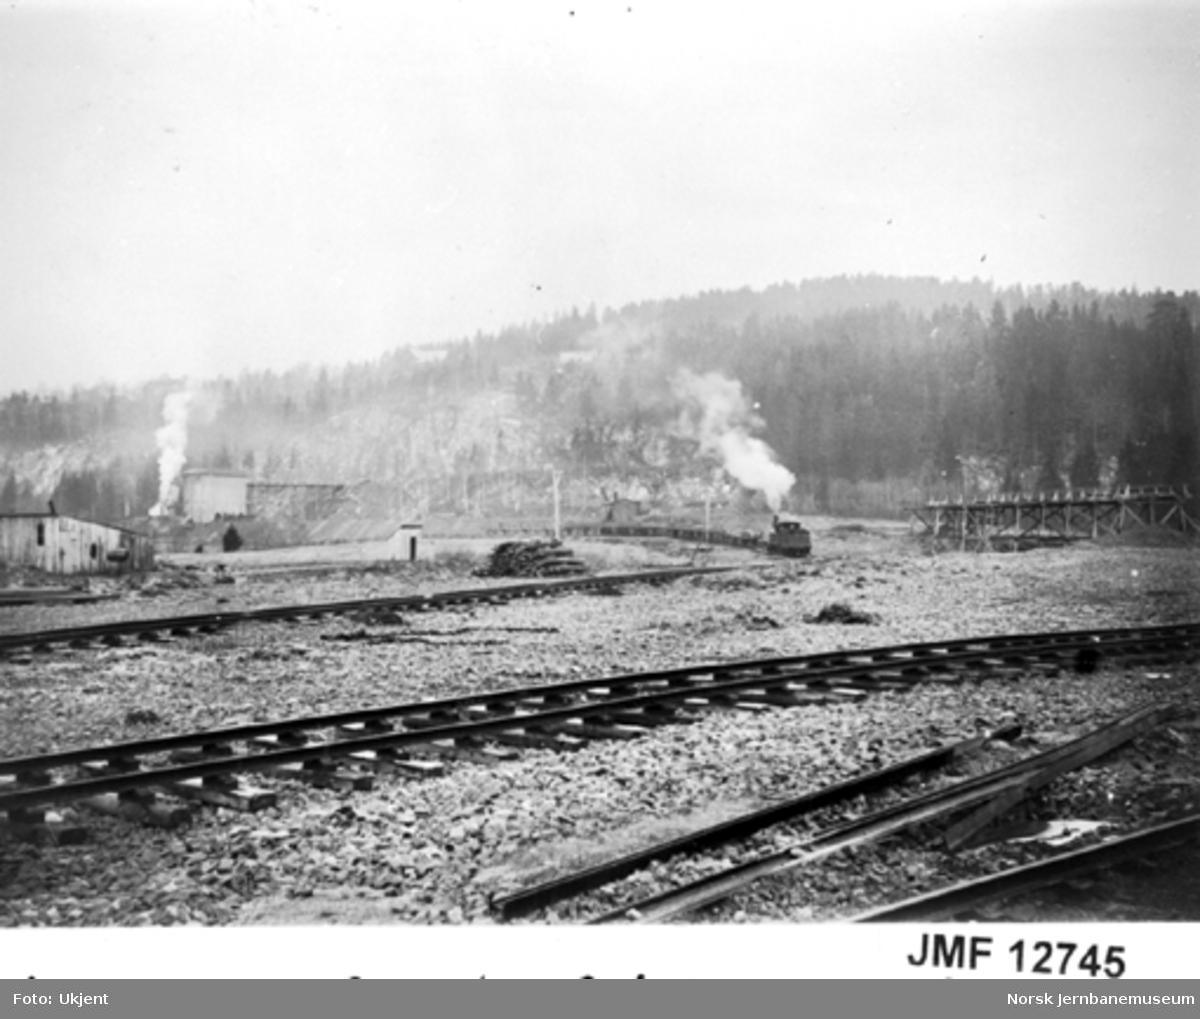 Et damplokomotiv med pukktog kjører ut fra pukkverket og pukksteinslageret på Grorud